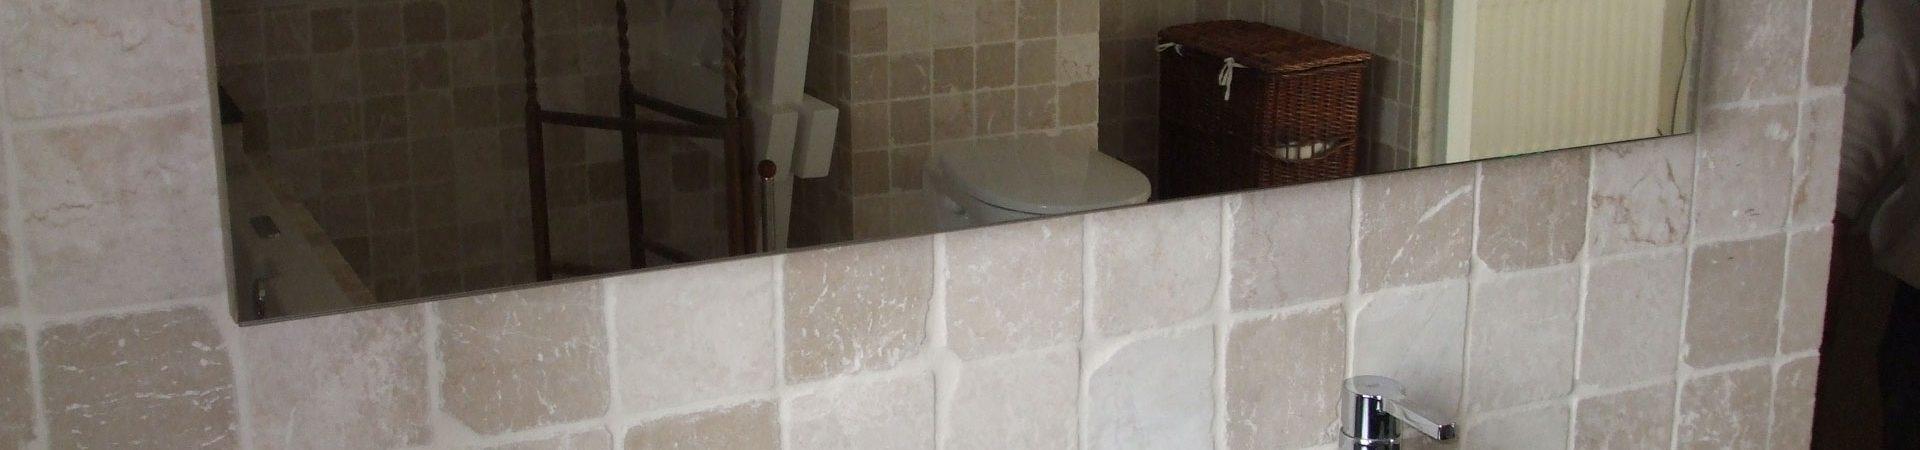 badkamer-arjen-020